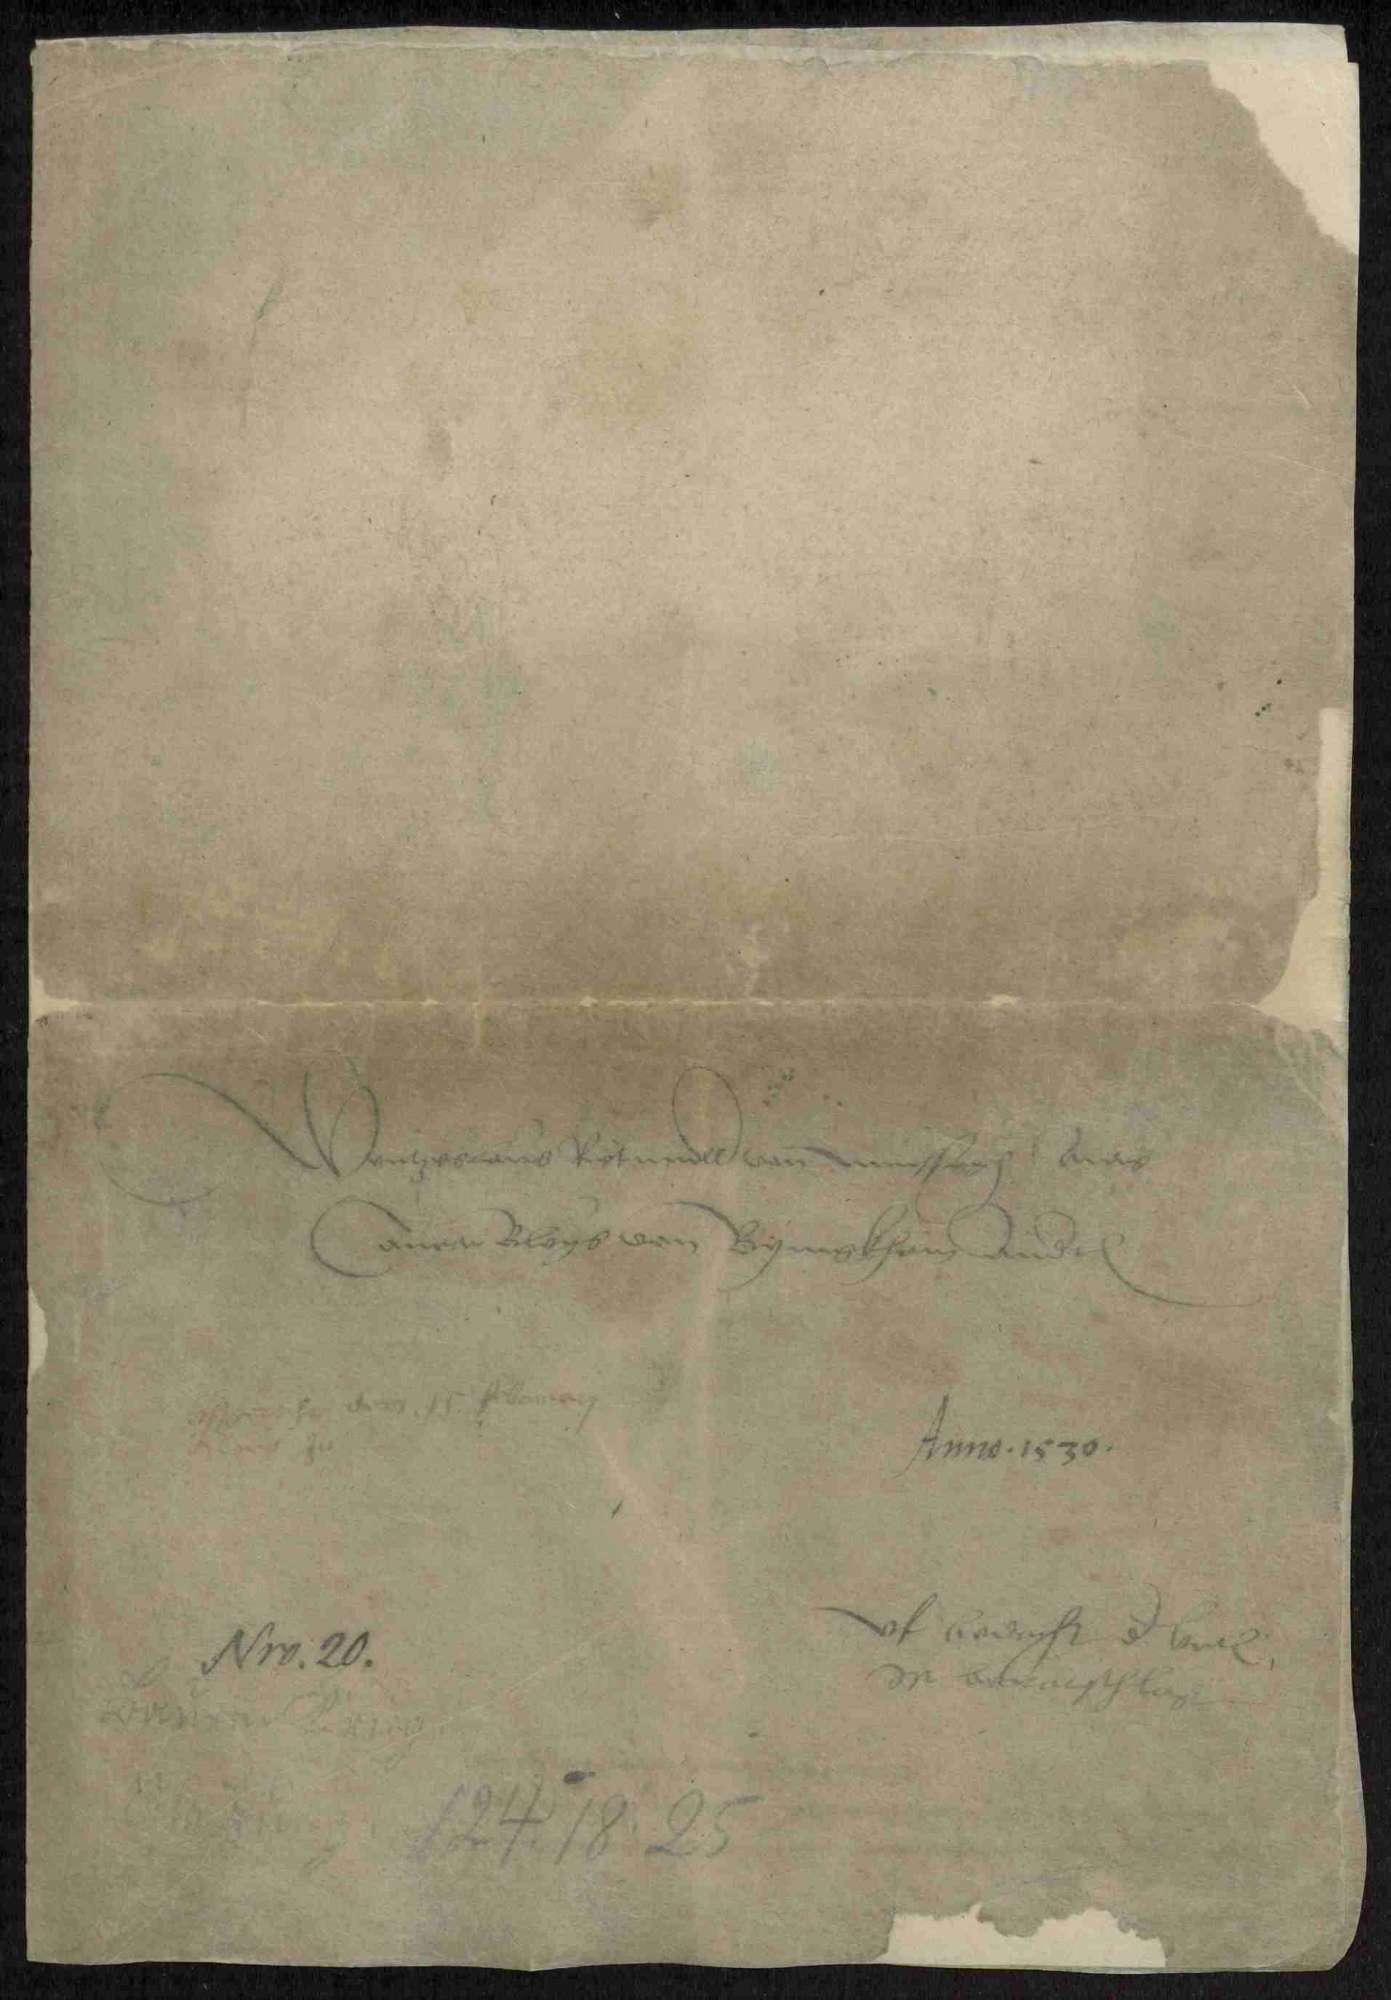 Entschädigungsklagen weltlicher und geistlicher Stände; Strafnachlass für Bauernanführer Hans Menckler von Bönnigheim, Bild 3